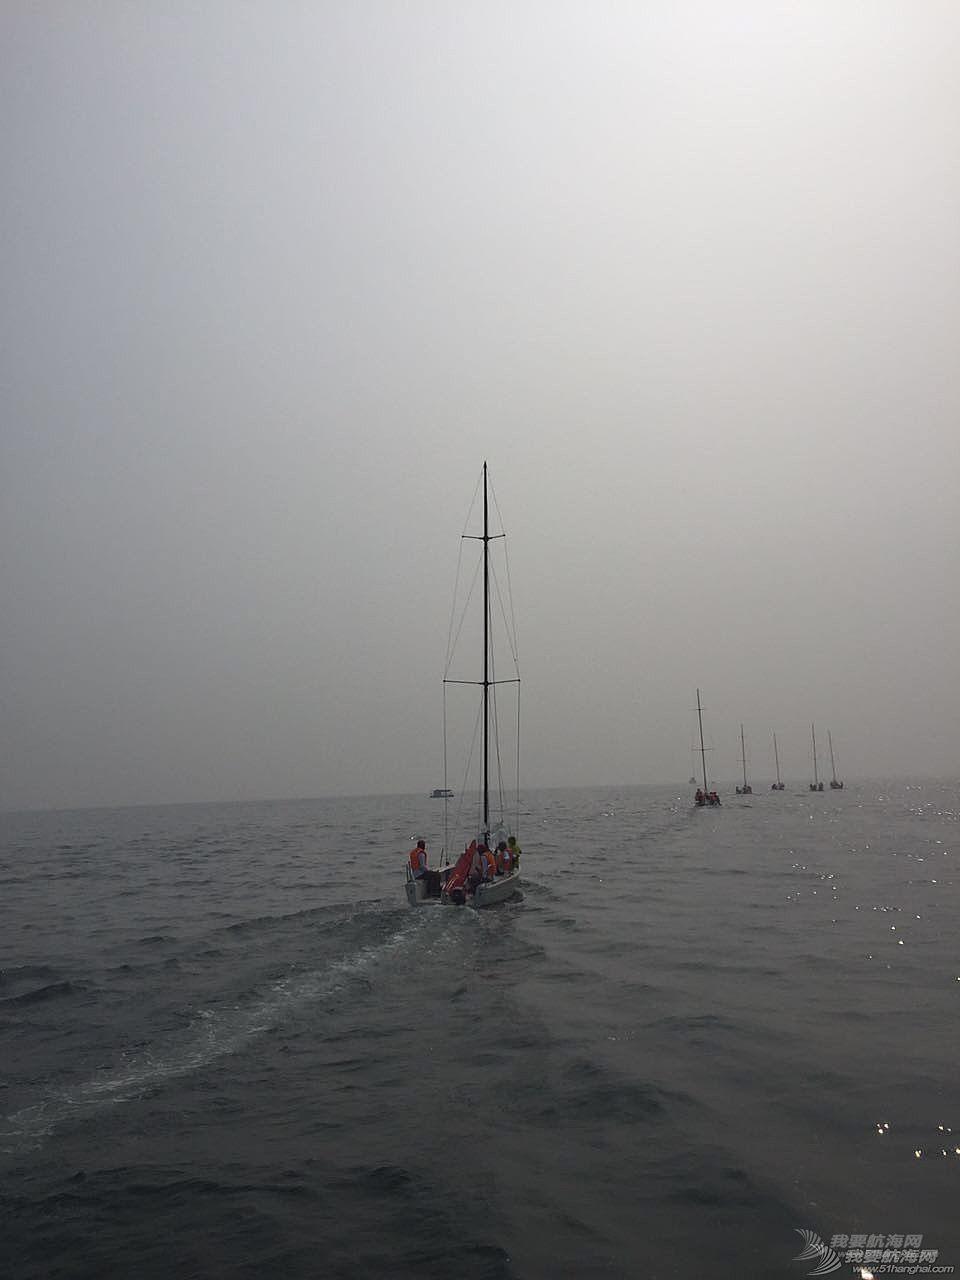 威海,志愿者,烟台,国际,日记 【公益航海志愿者日记@日照】Day30-记威海国际帆船赛第二天-从烟台运船到威海